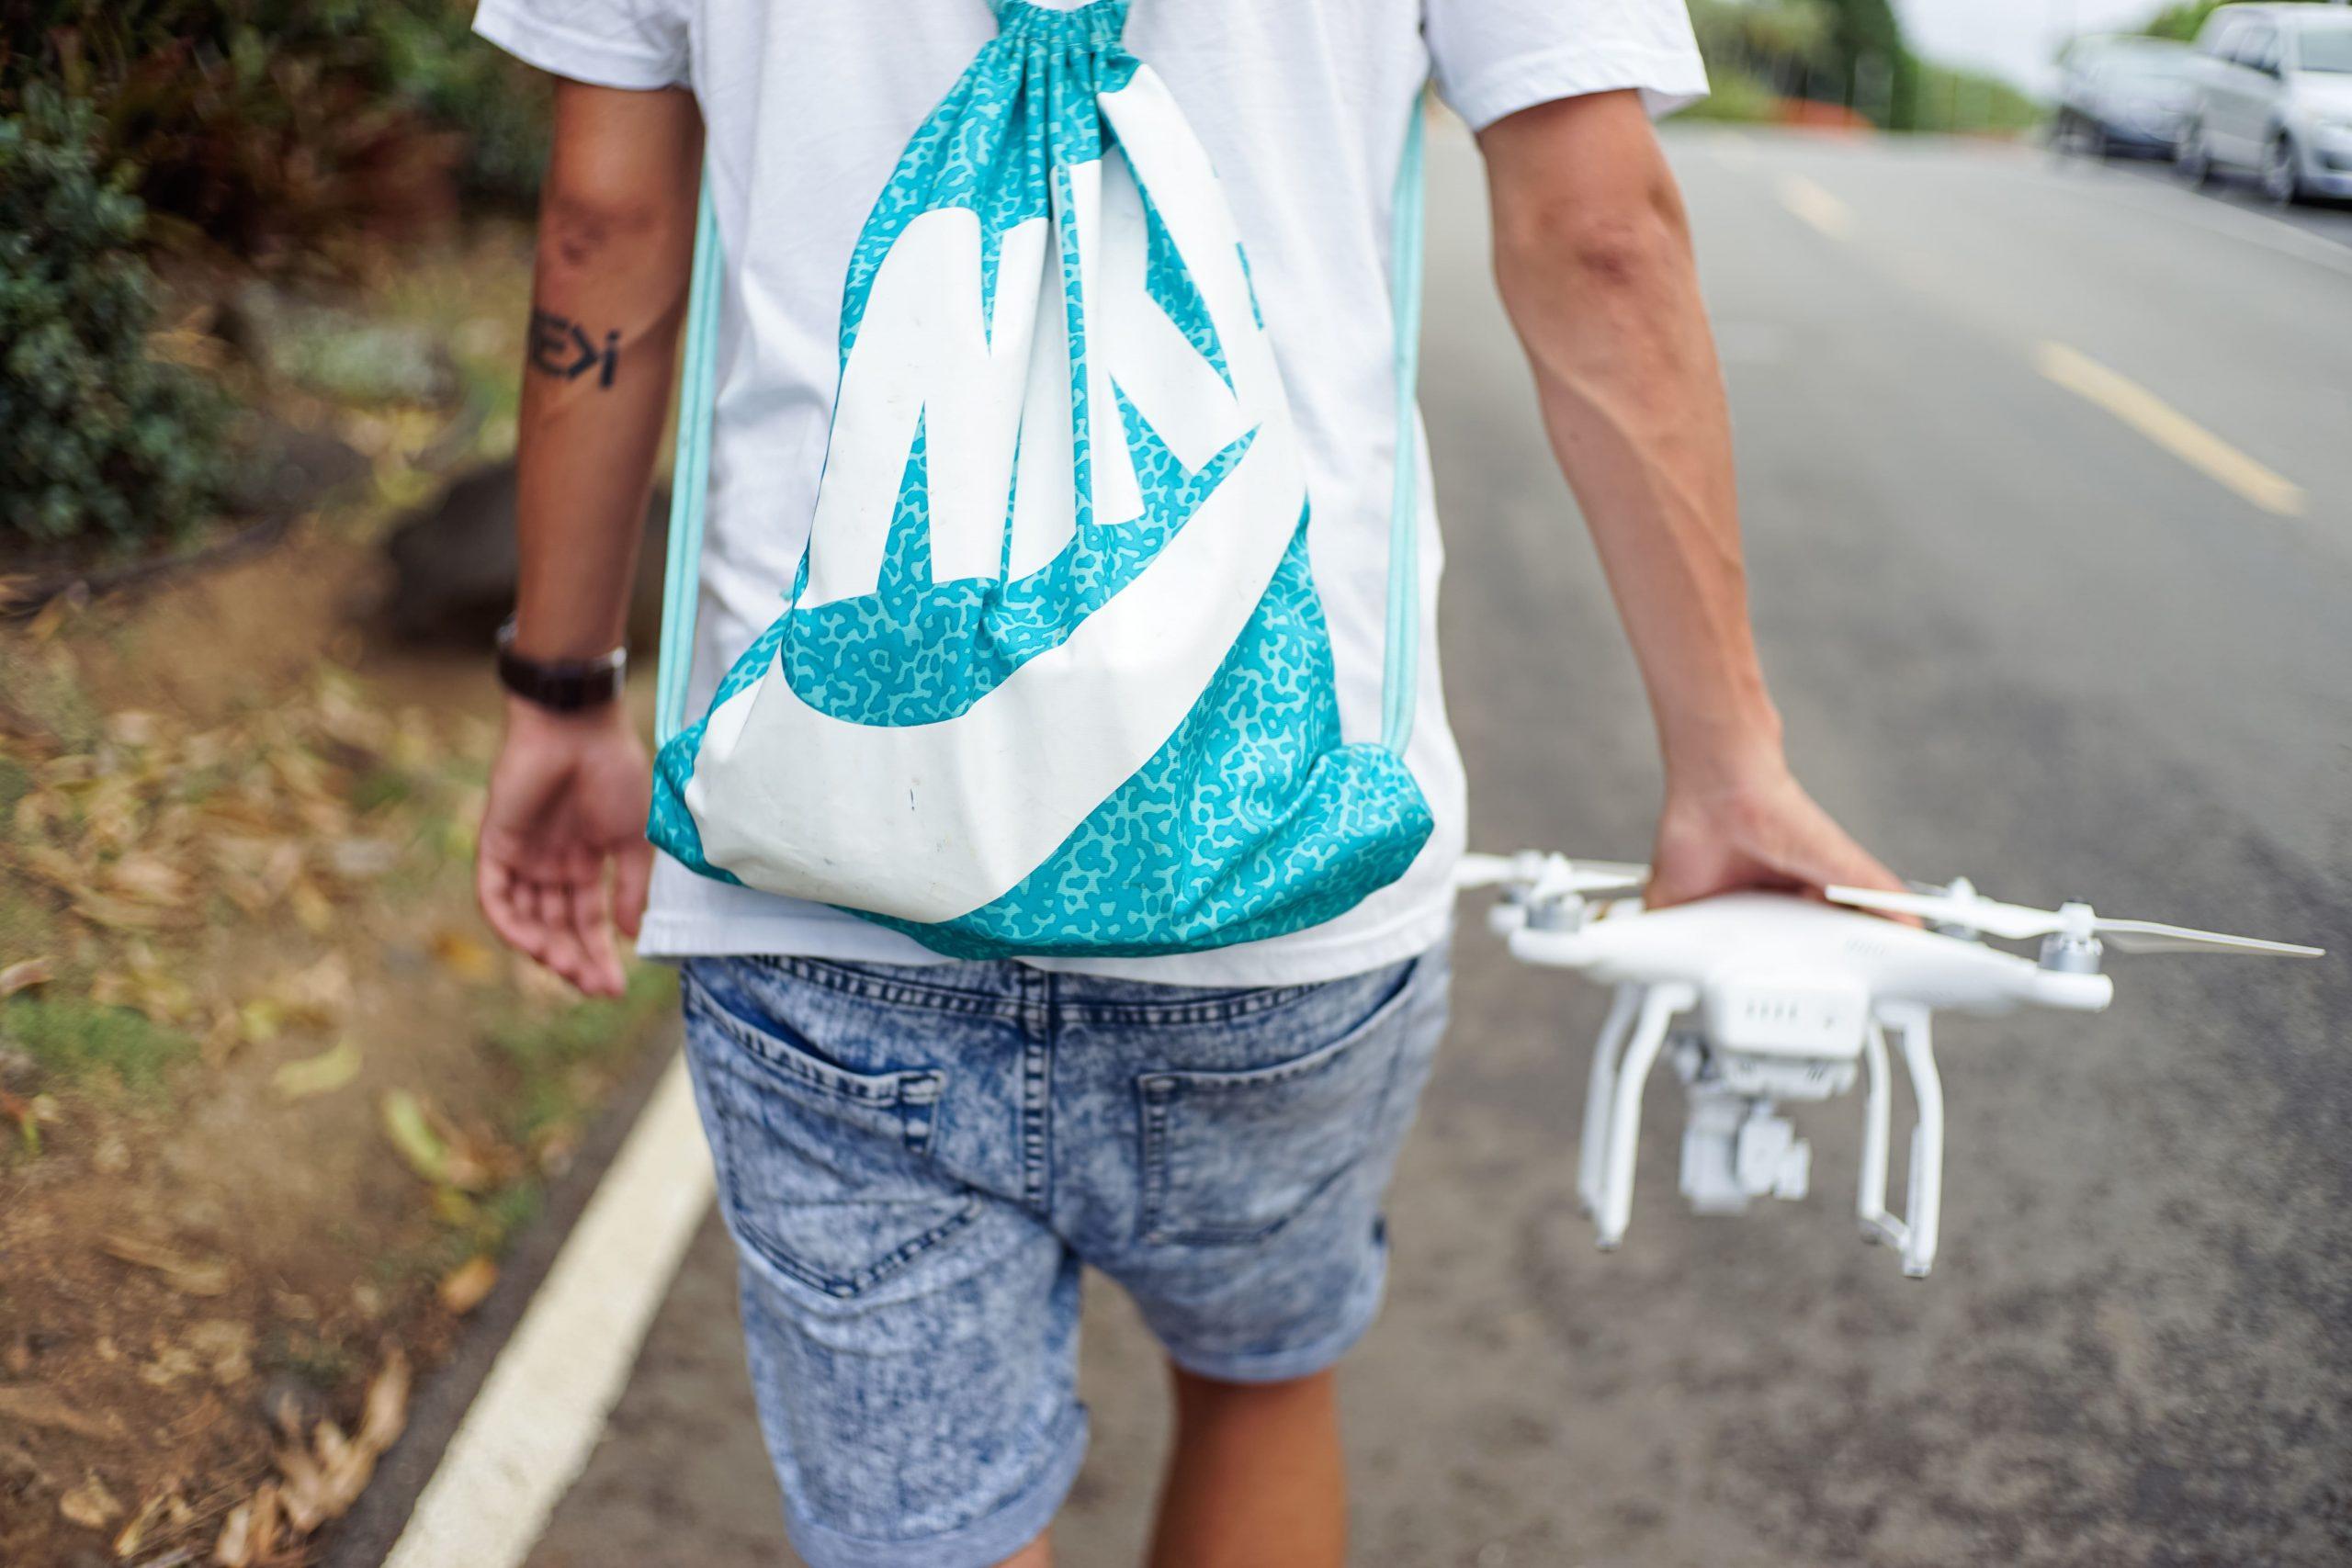 une personne a dans sa main un drone